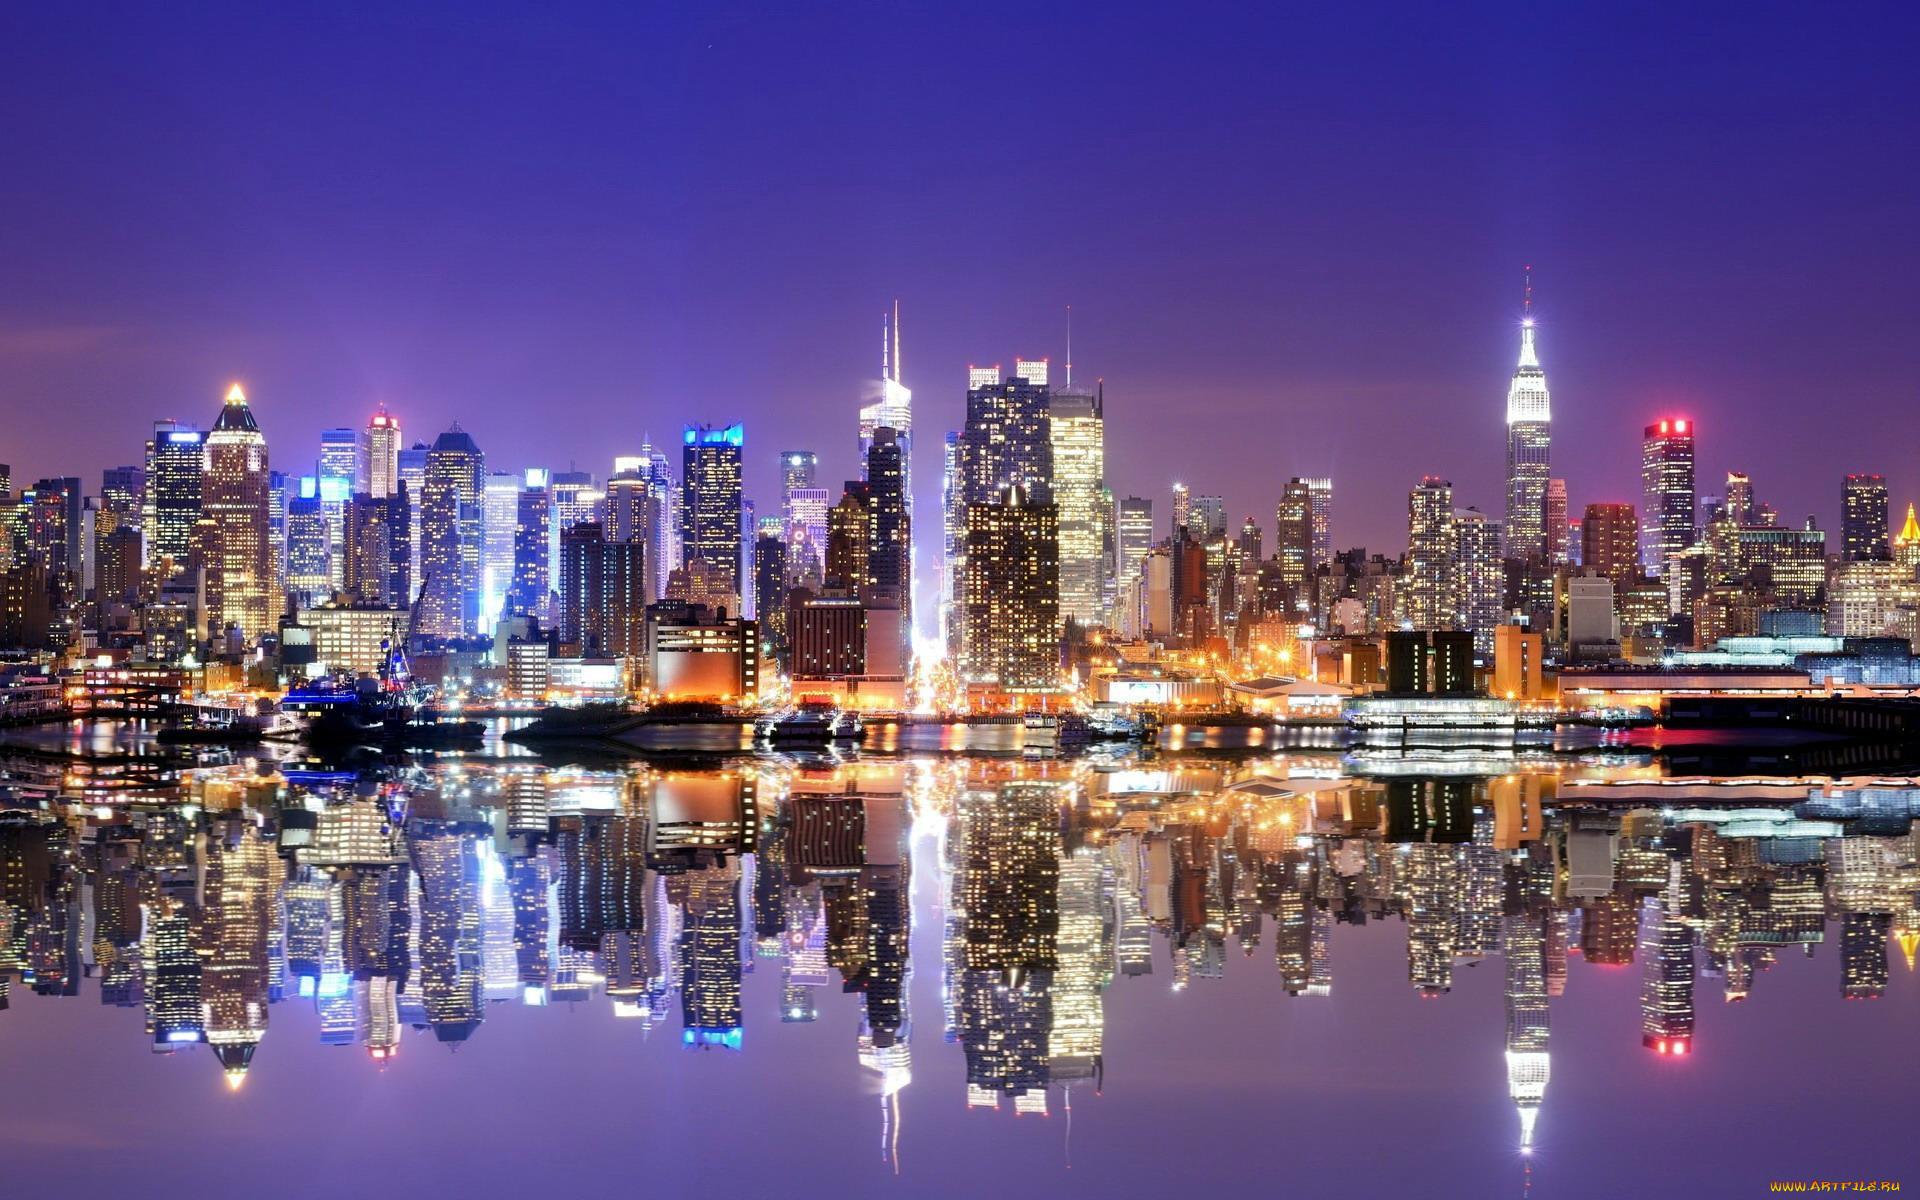 картинки высокого качества для фотопечати город тебе